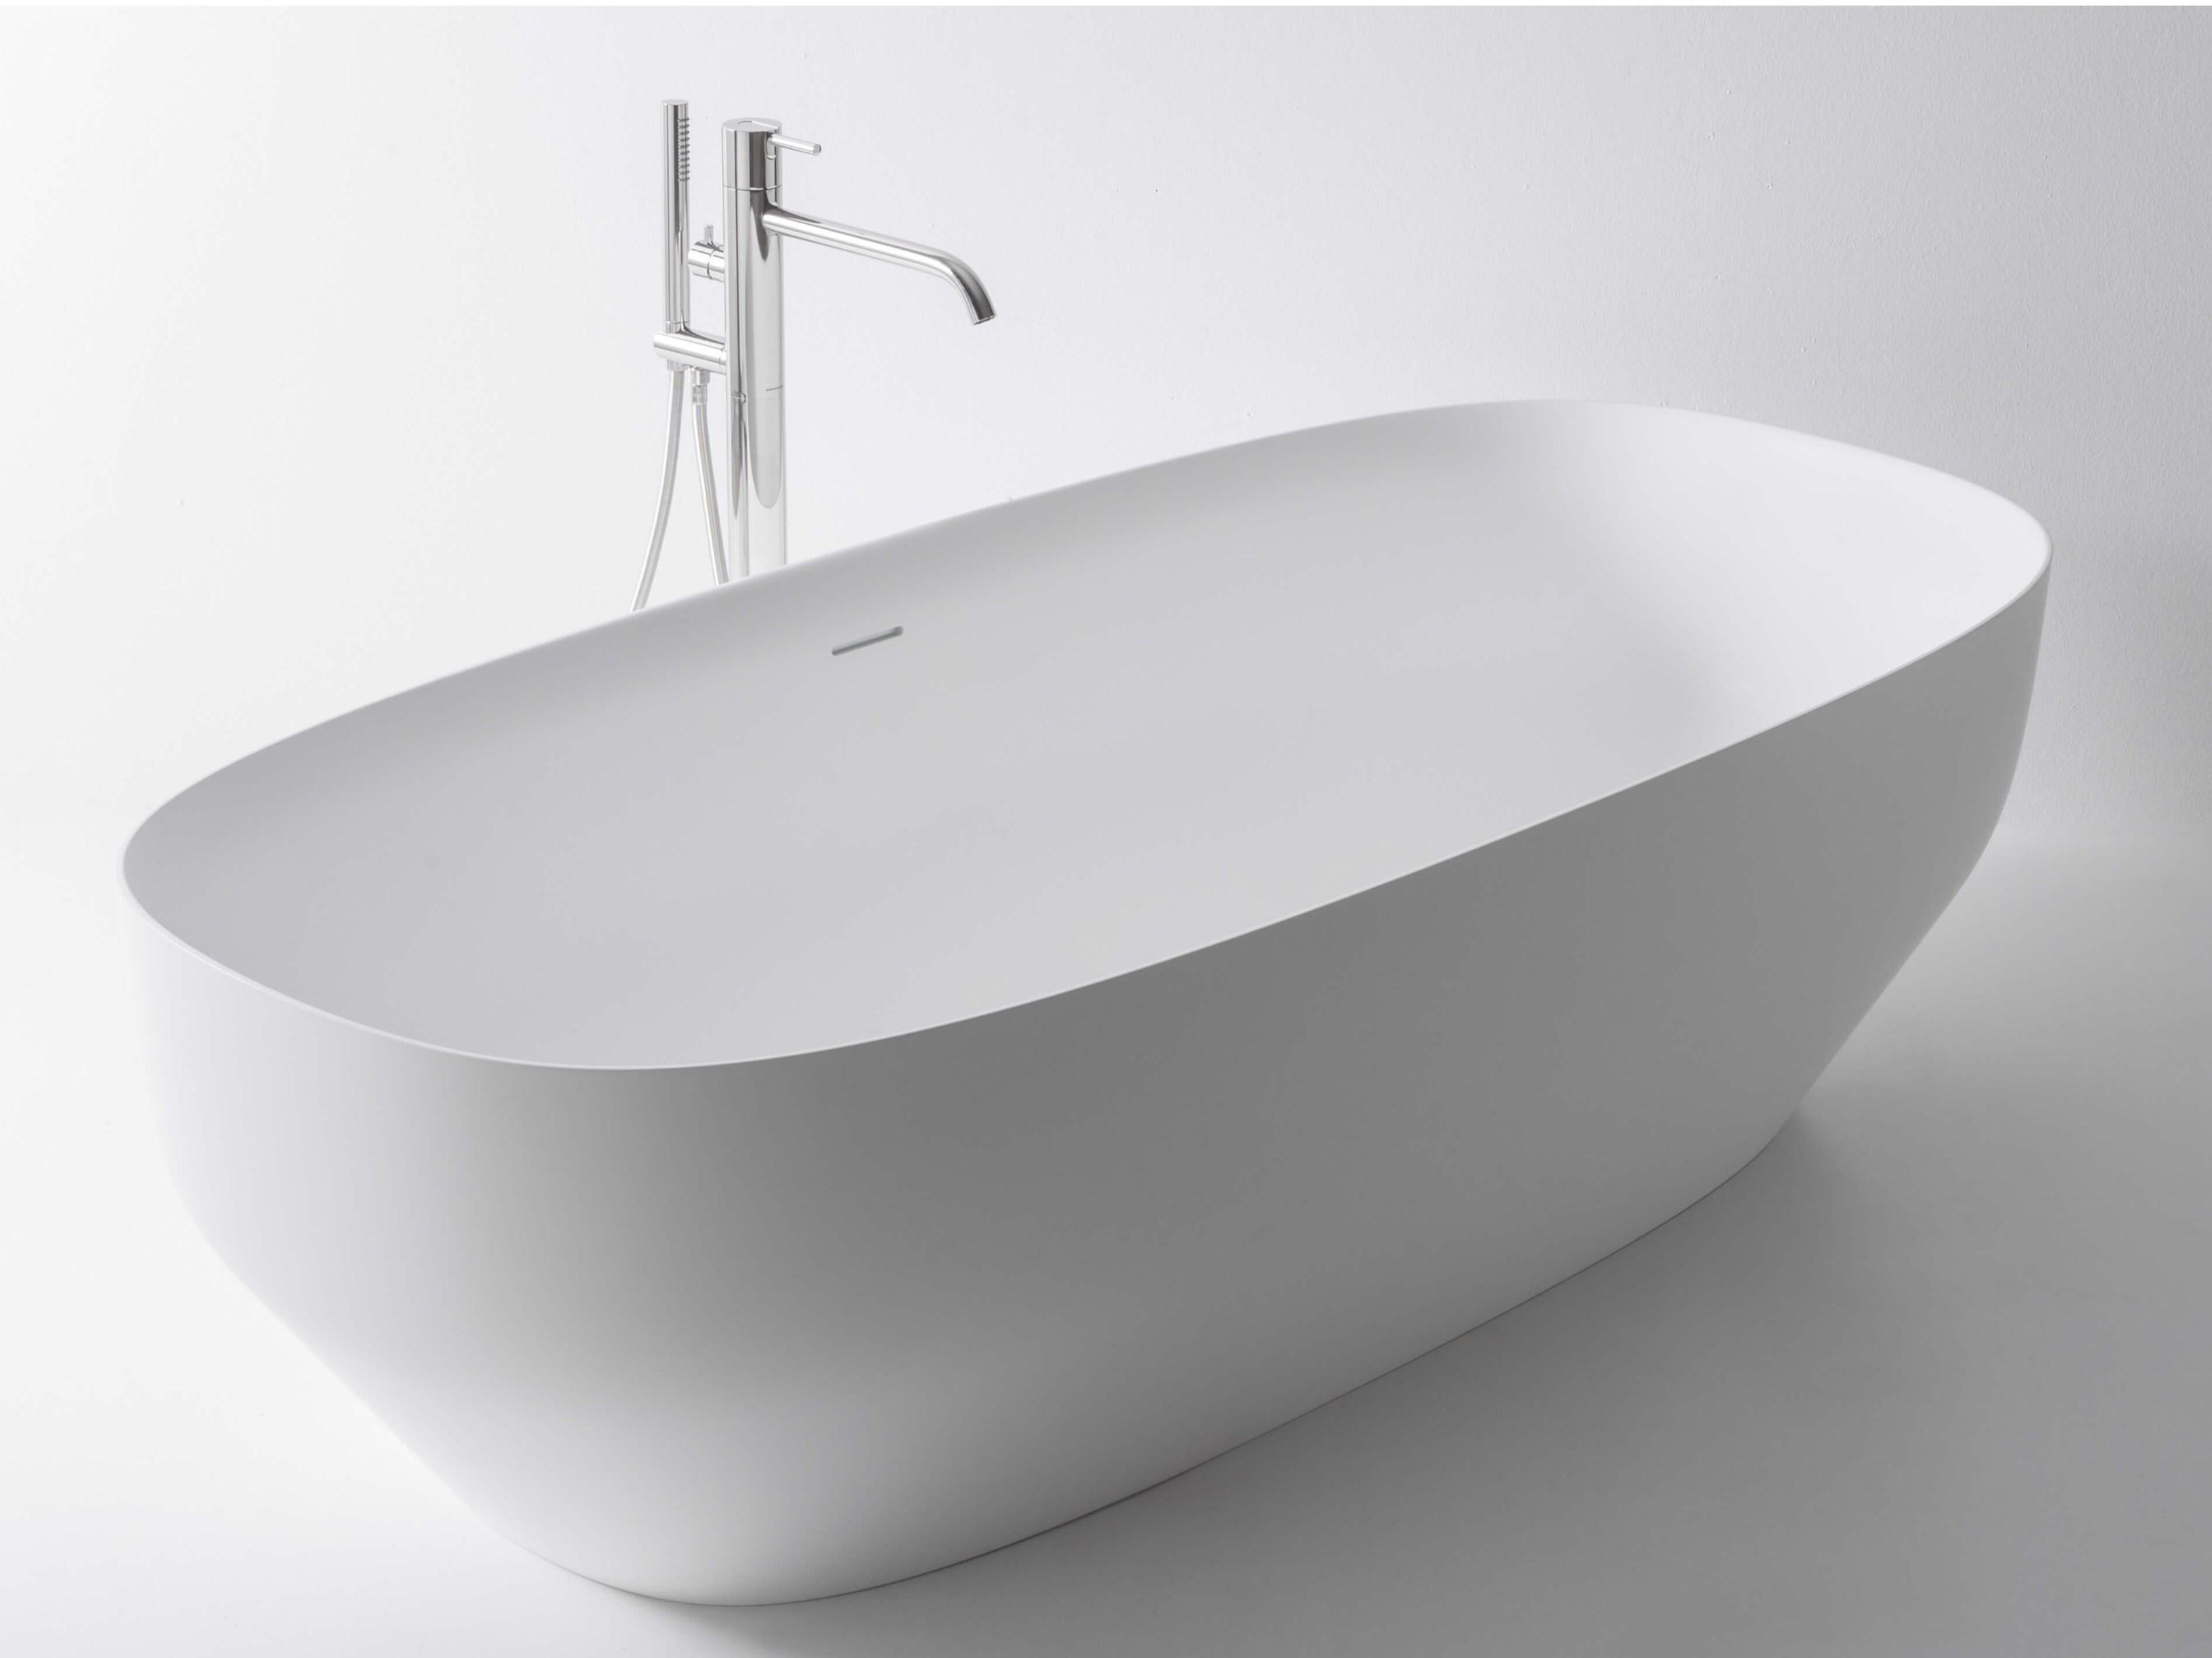 Vasca Da Bagno Artigianale : Antonio lupi vasche bagno vasche da bagno edilceramiche di maccanò